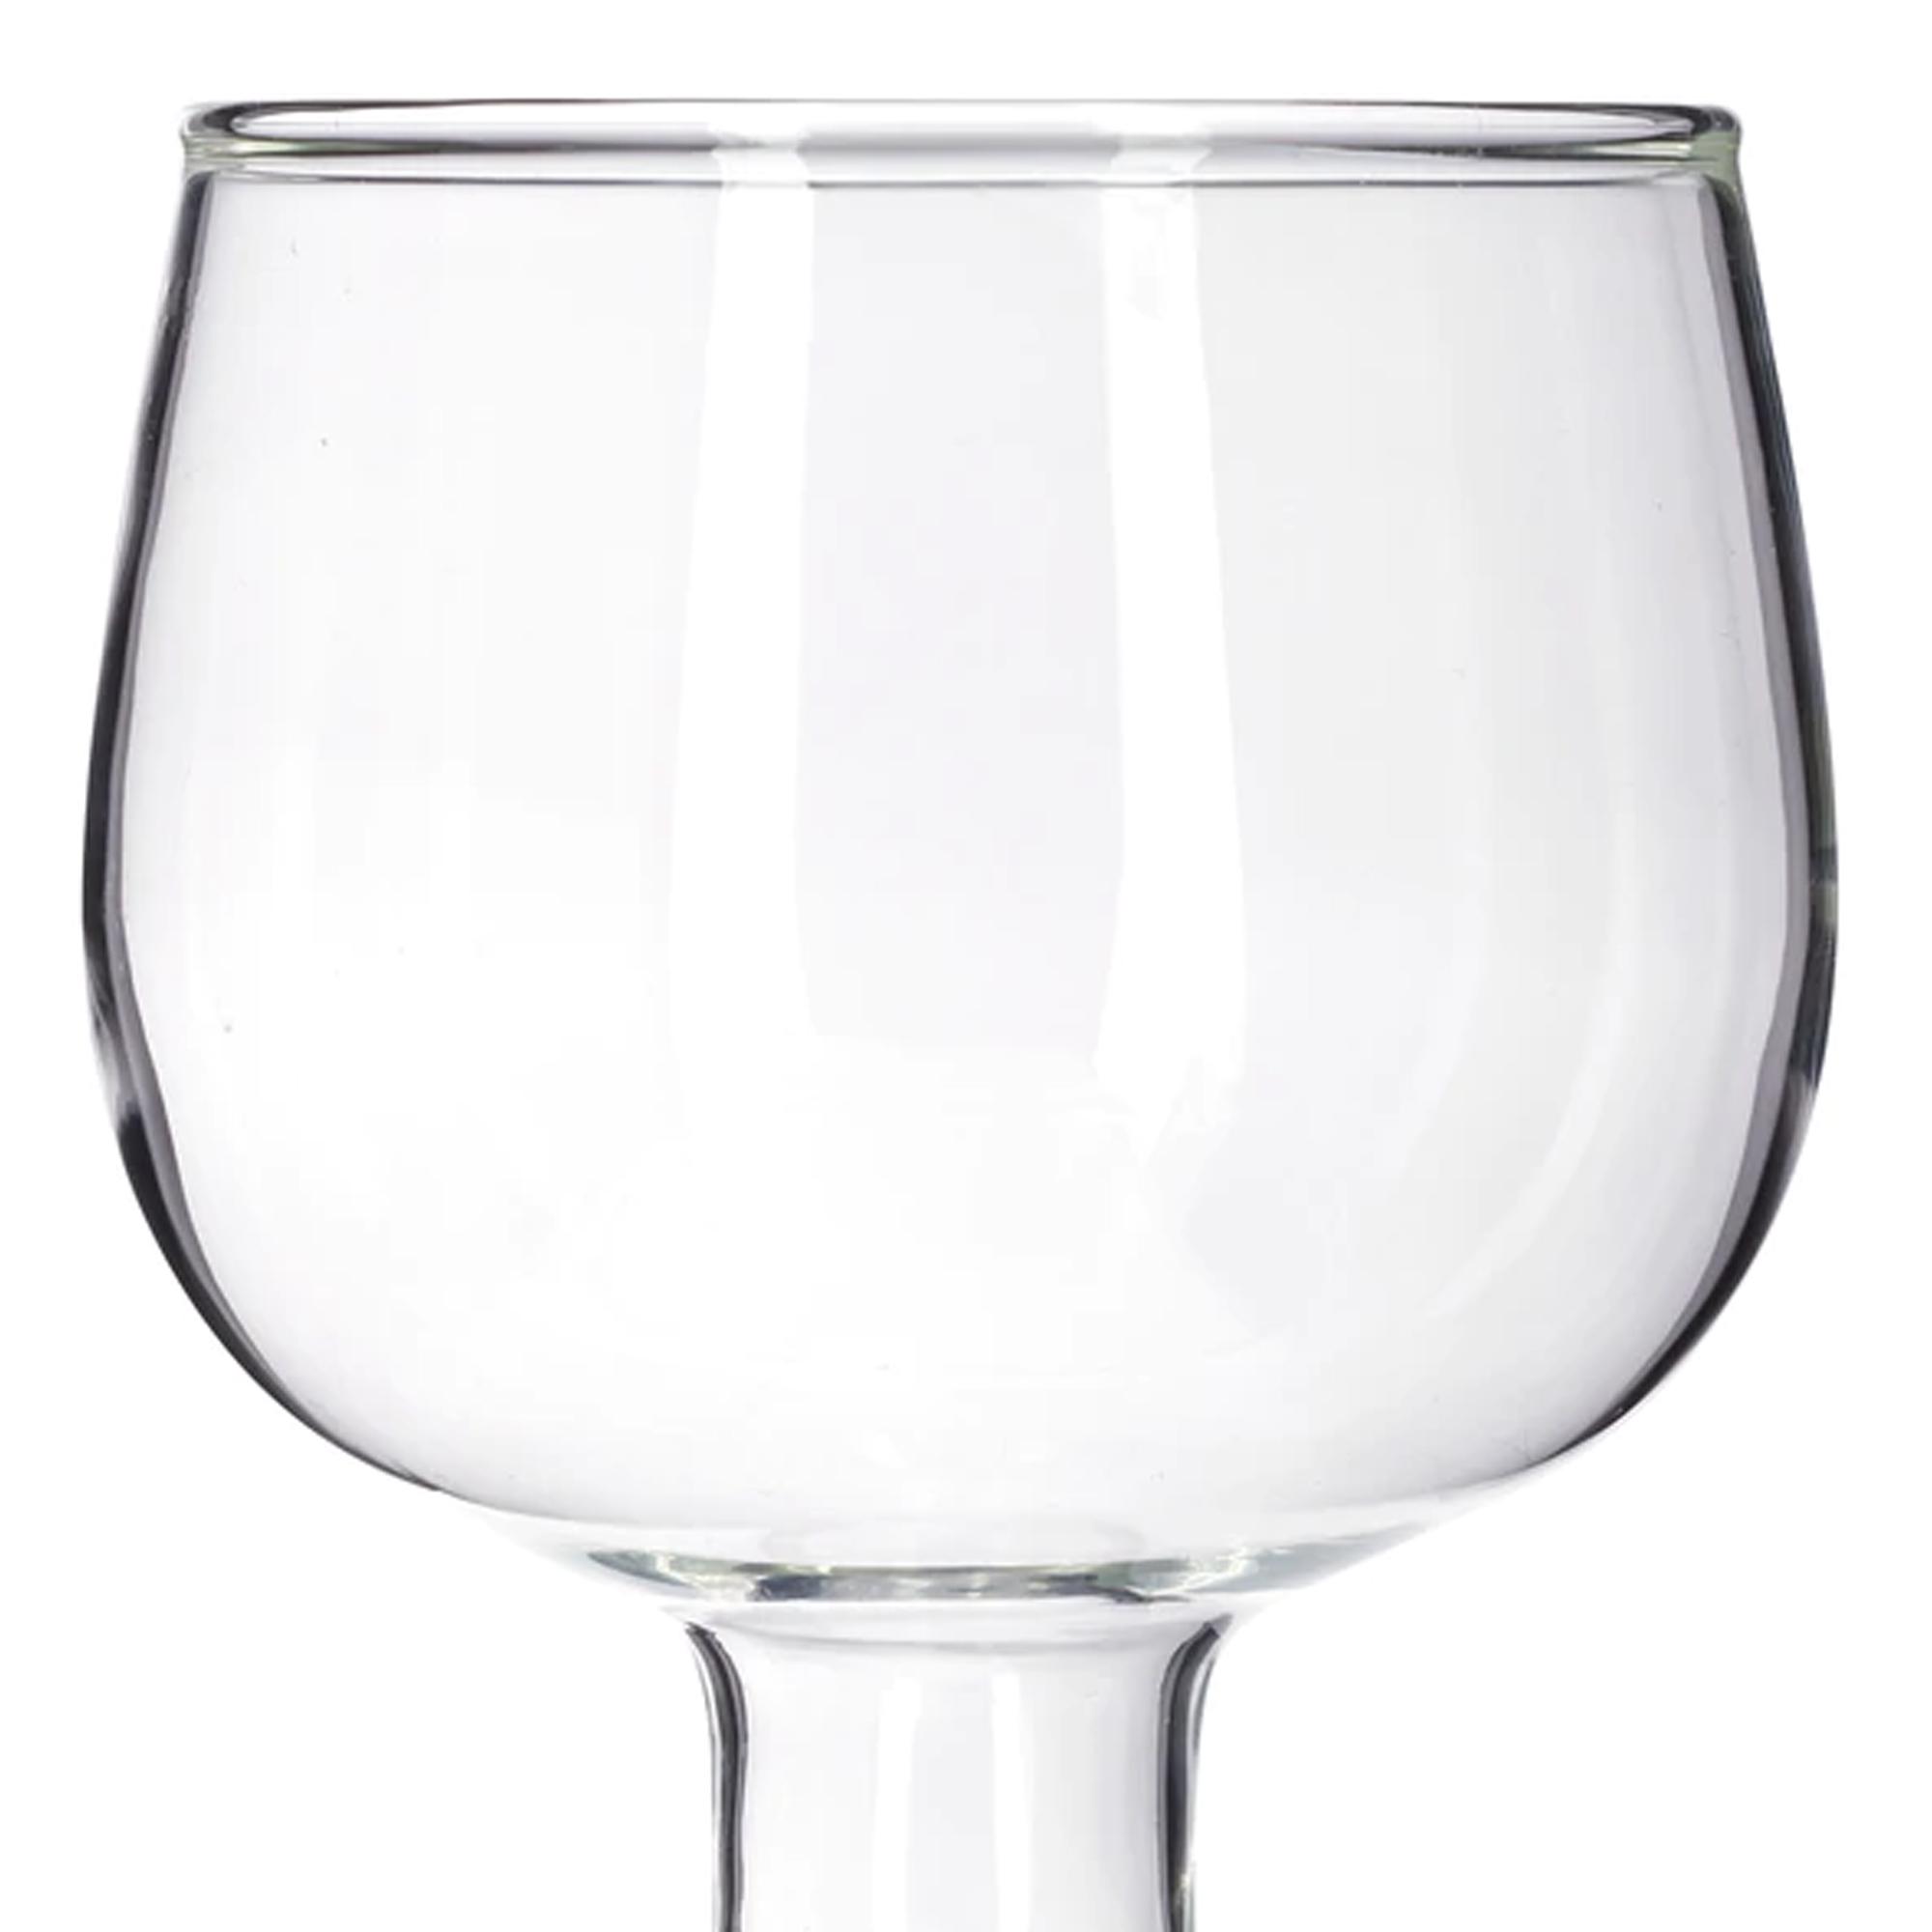 Unerschöpfliches Weinglas - 2